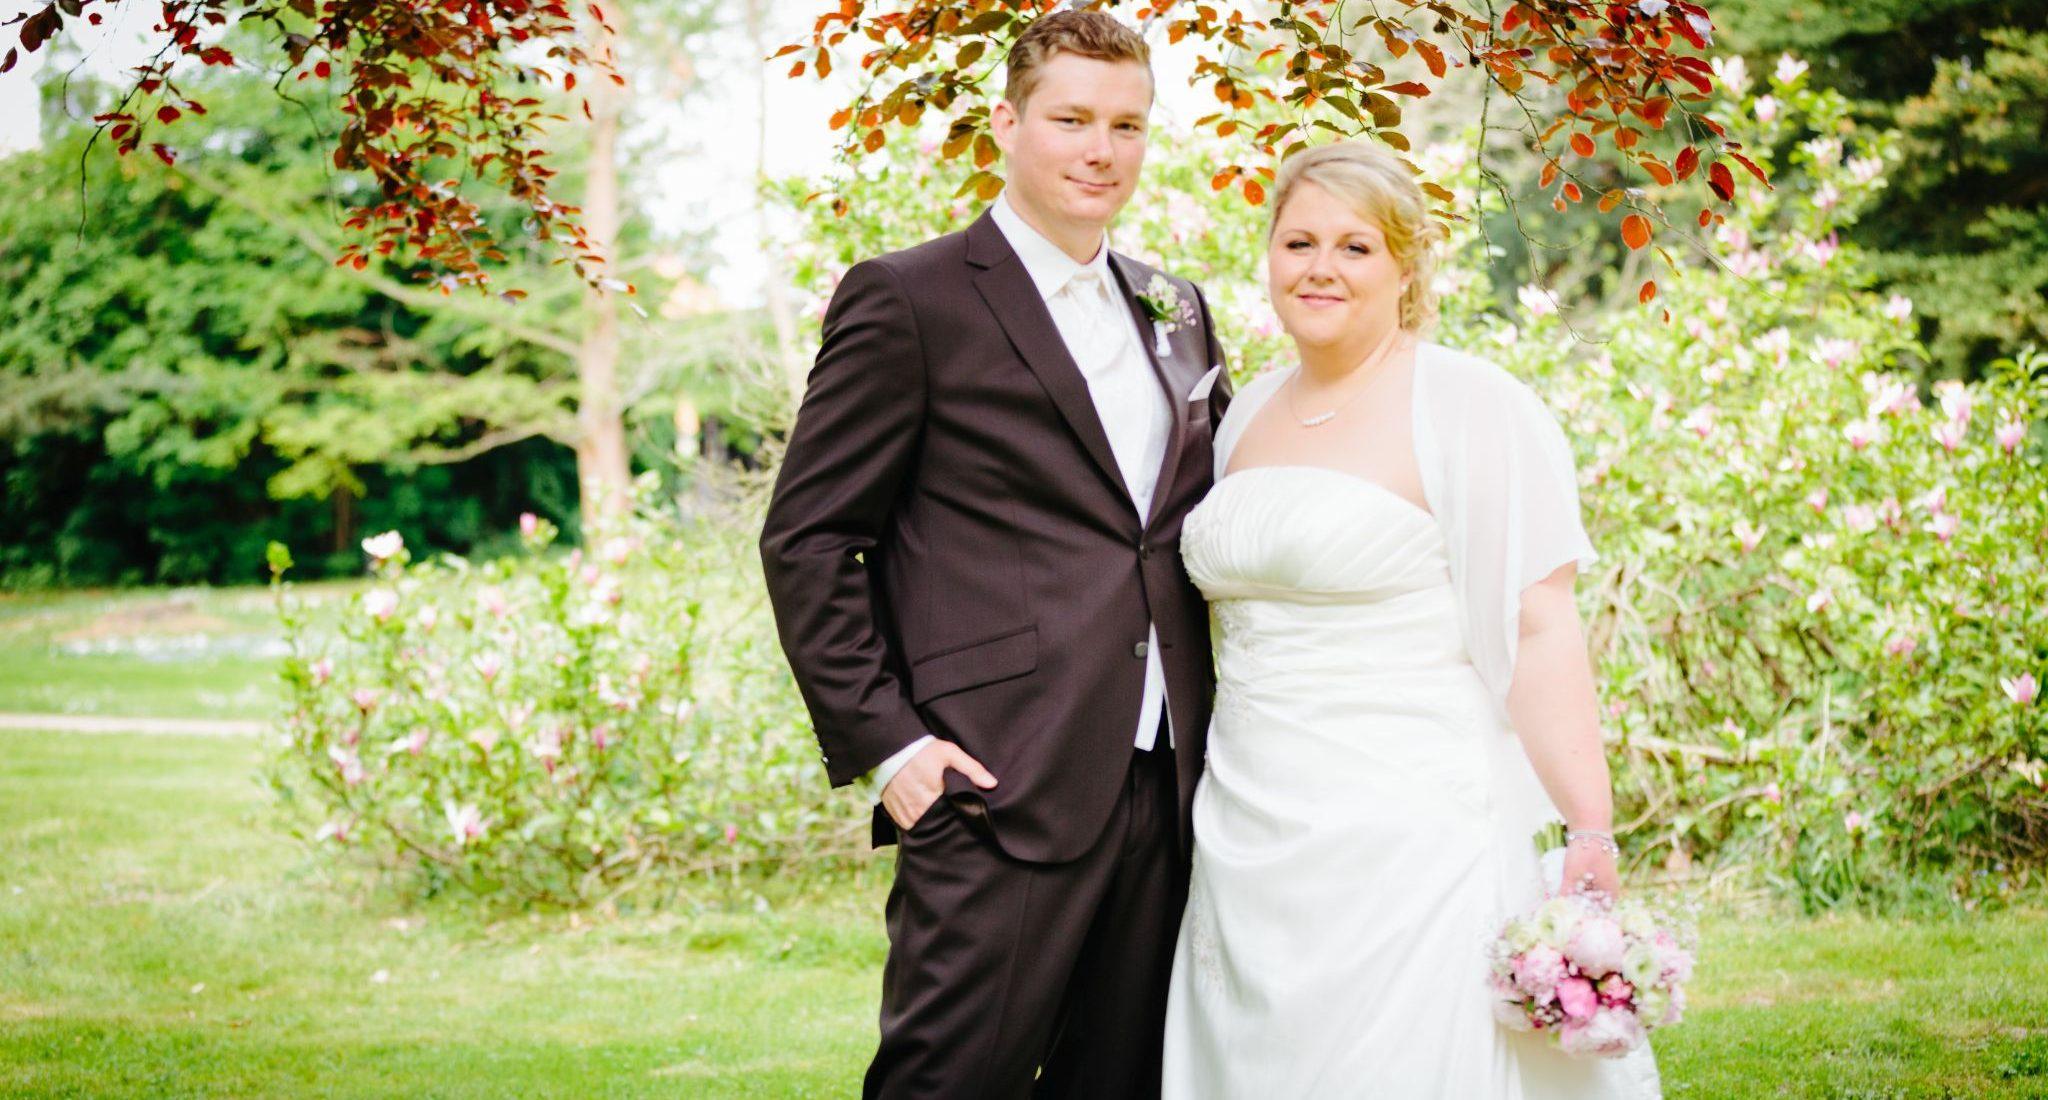 Hochzeit Lisa & Frank 102 1-500 Sek. bei f - 2,8 © Sebastian Petersen